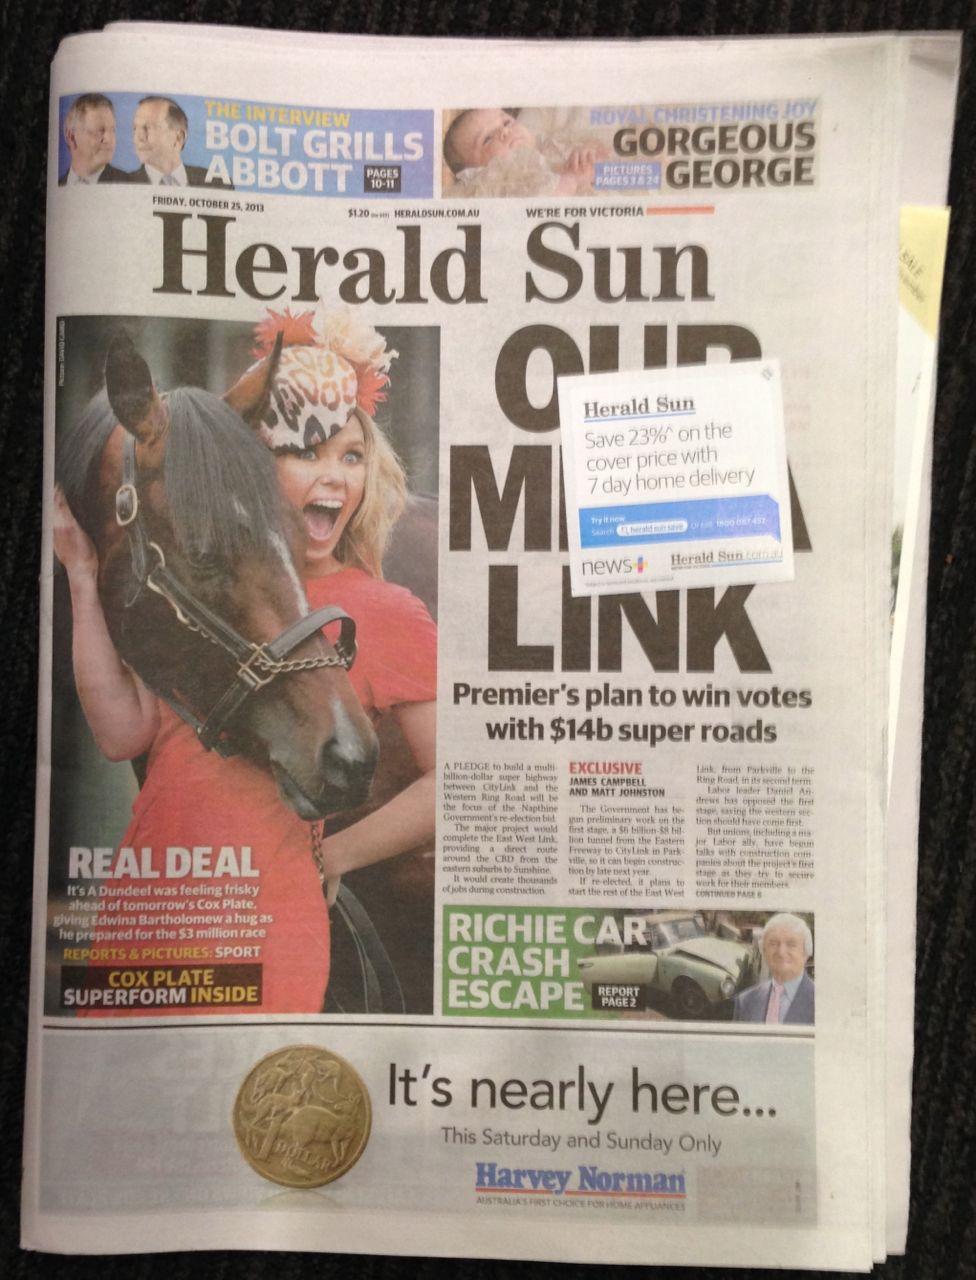 Herald Sun audience readership figures   Herald Sun